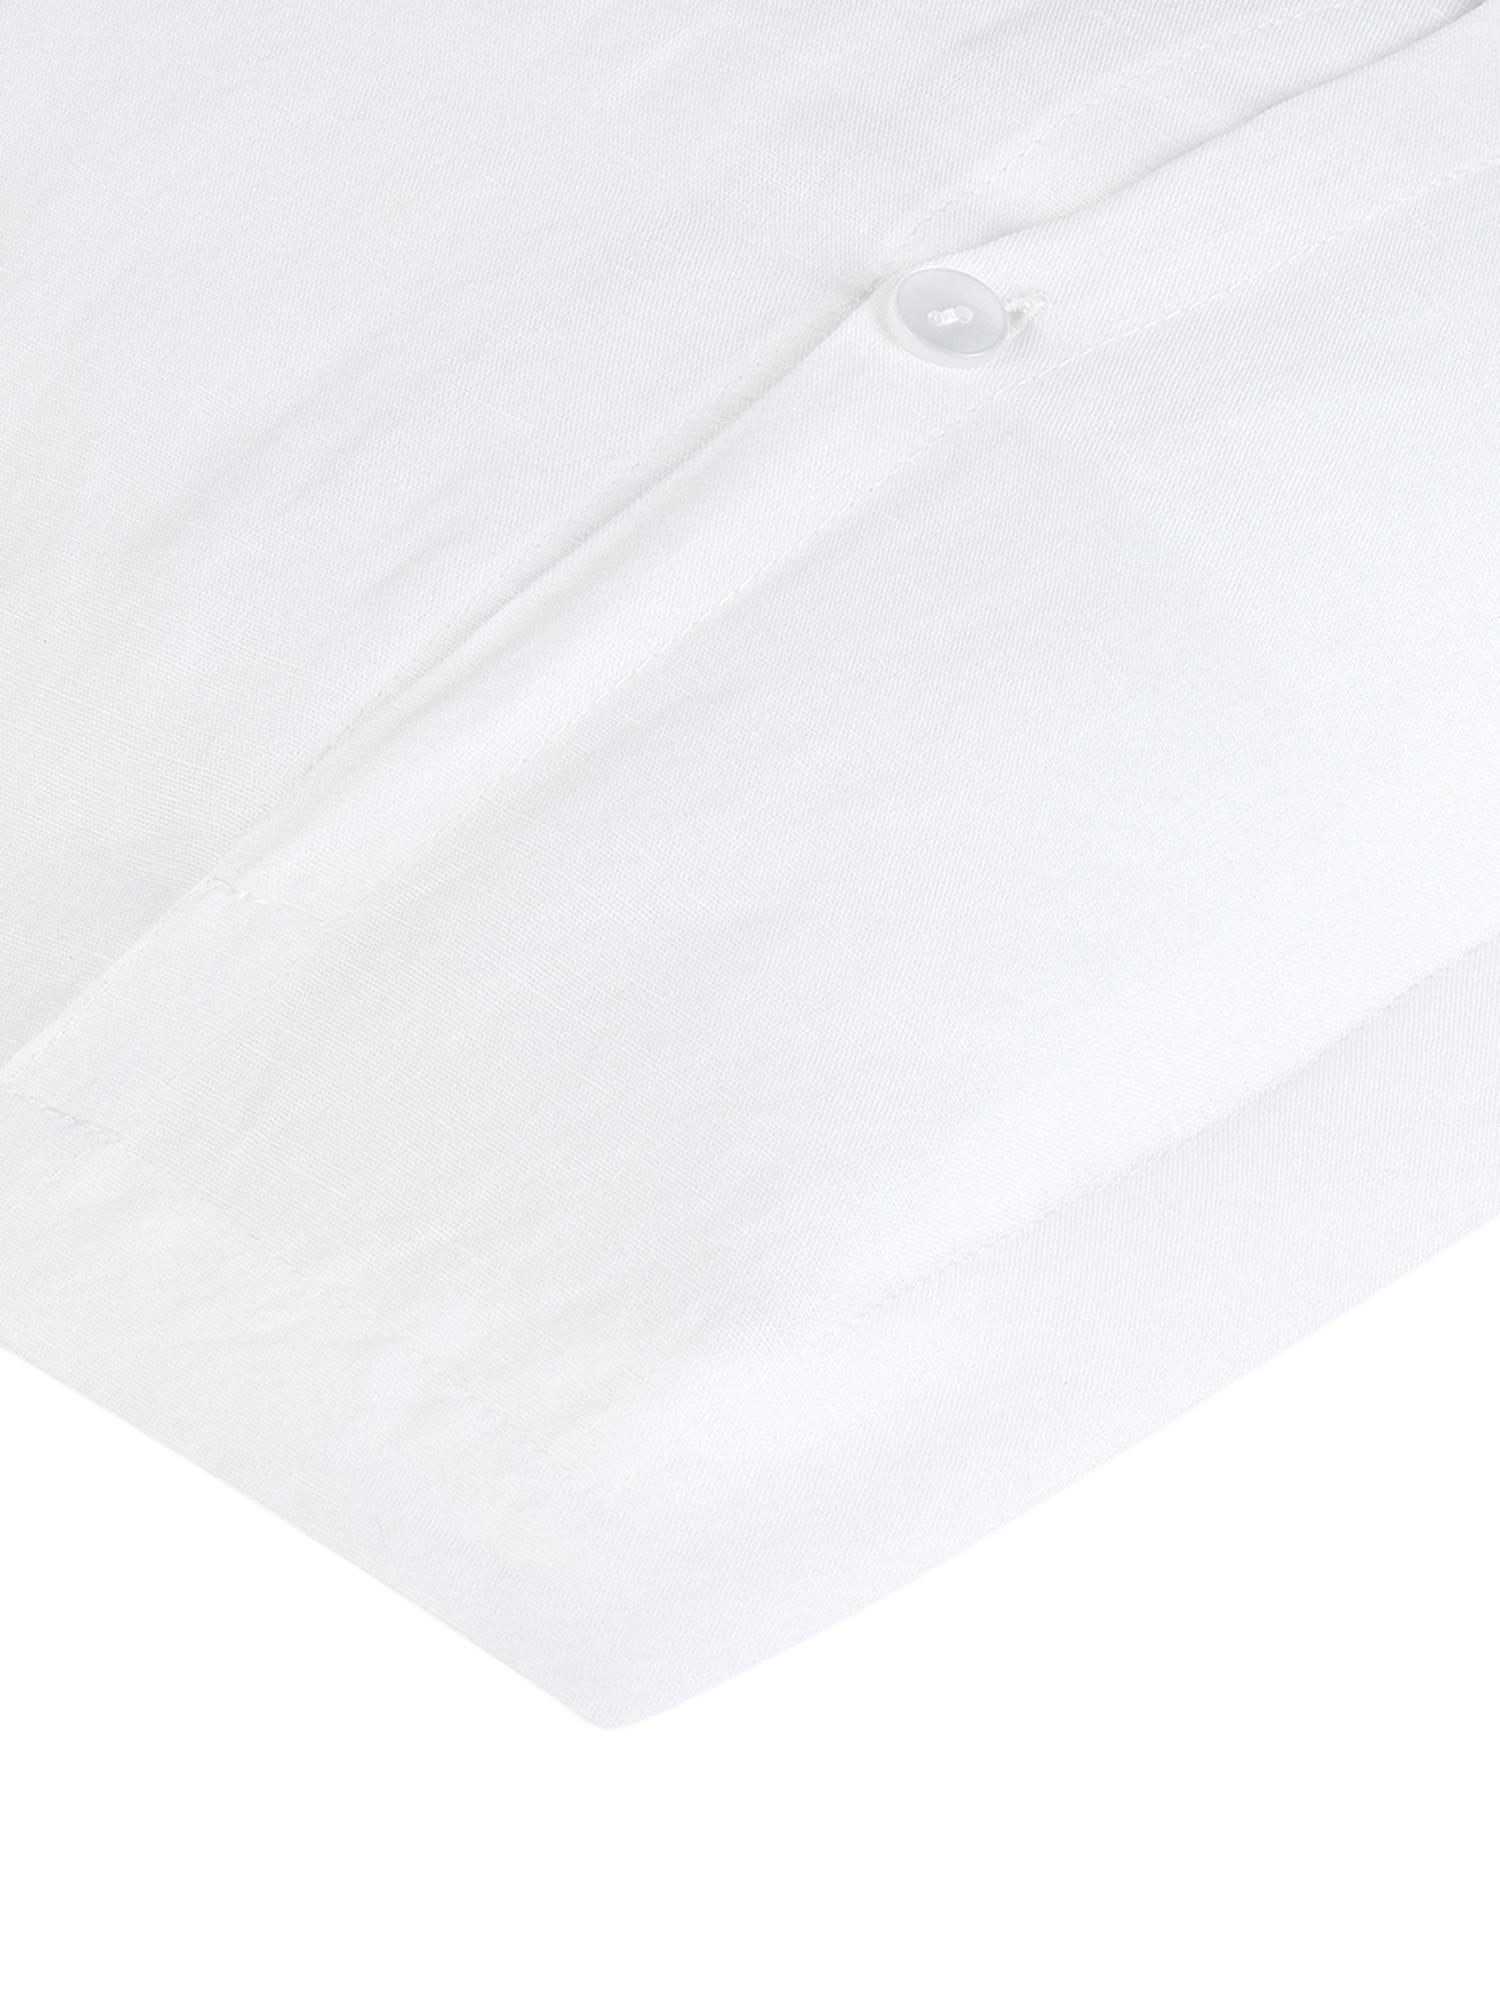 Gewaschene Leinen-Kissenbezüge Nature in Weiß, 2 Stück, Halbleinen (52% Leinen, 48% Baumwolle)  Fadendichte 108 TC, Standard Qualität  Halbleinen hat von Natur aus einen kernigen Griff und einen natürlichen Knitterlook, der durch den Stonewash-Effekt verstärkt wird. Es absorbiert bis zu 35% Luftfeuchtigkeit, trocknet sehr schnell und wirkt in Sommernächten angenehm kühlend. Die hohe Reißfestigkeit macht Halbleinen scheuerfest und strapazierfähig., Weiß, 40 x 80 cm